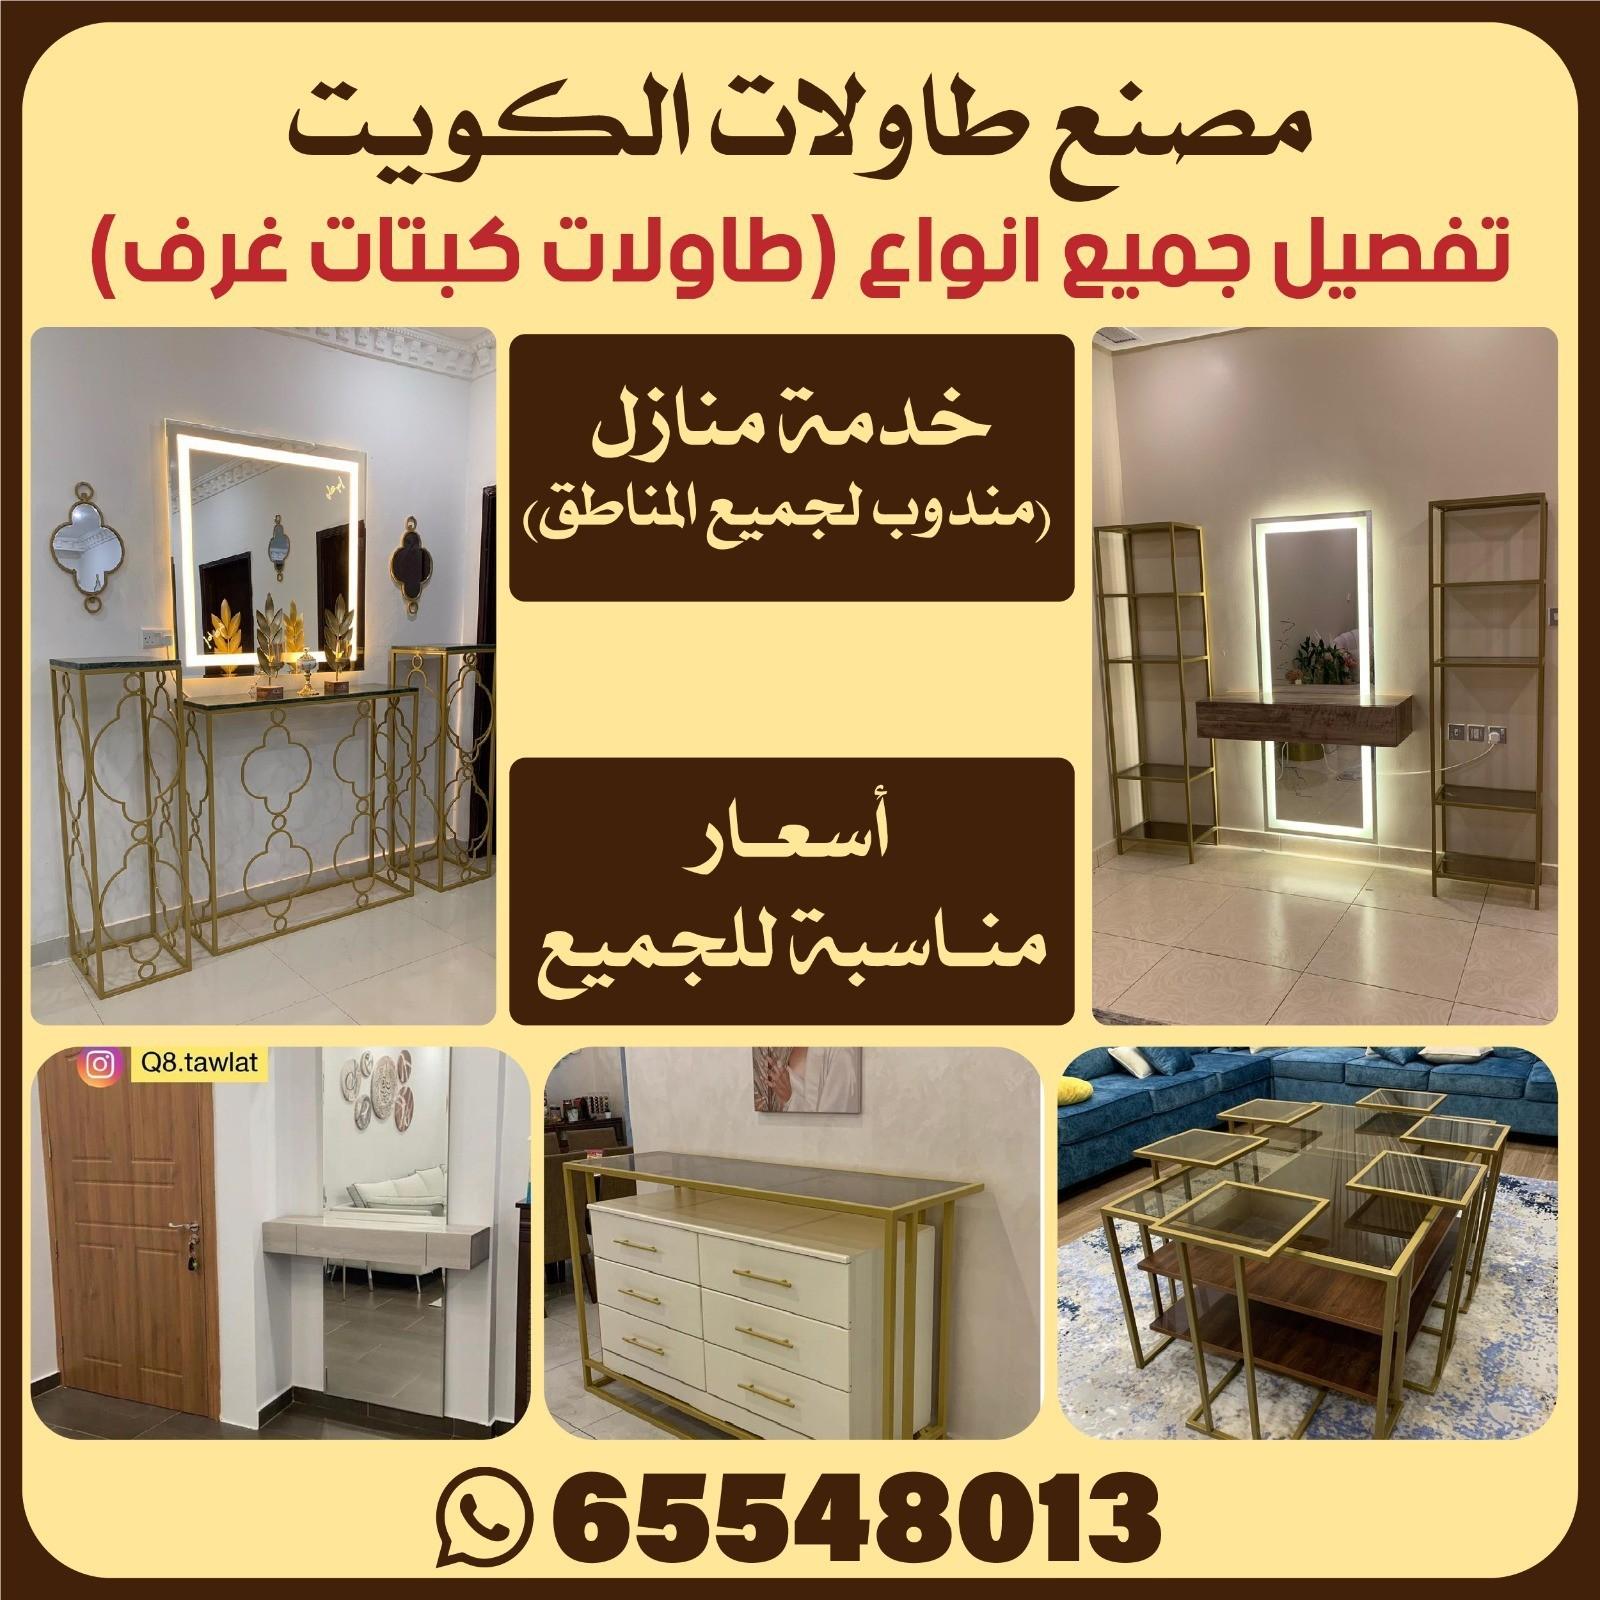 مصنع طاولات الكويت